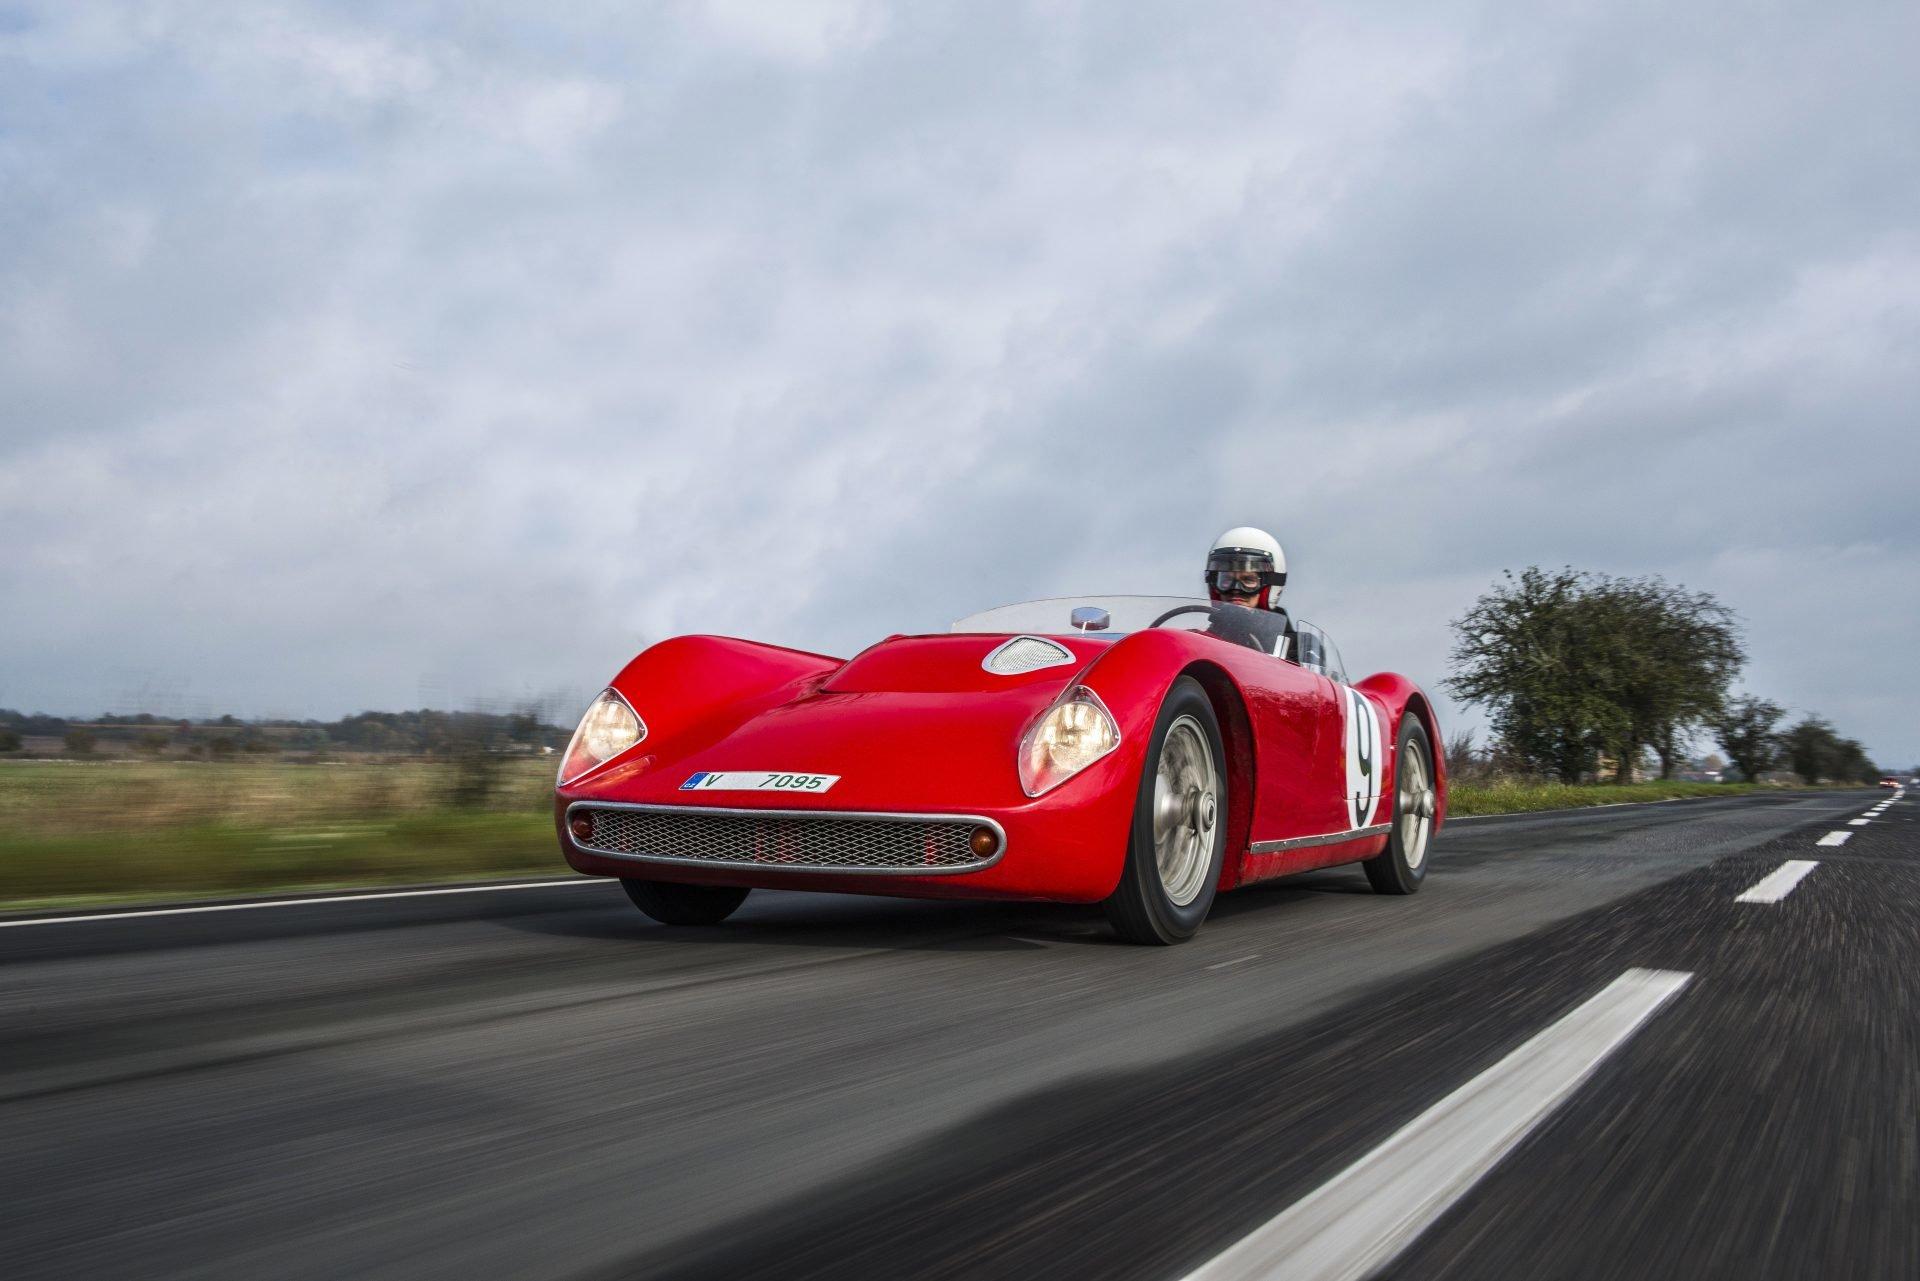 Škoda 1100 OHC z roku 1957 se čtyřválcovým motorem 1,1 l a výkonem 92 koní dosahoval rychlosti až 200 km/h